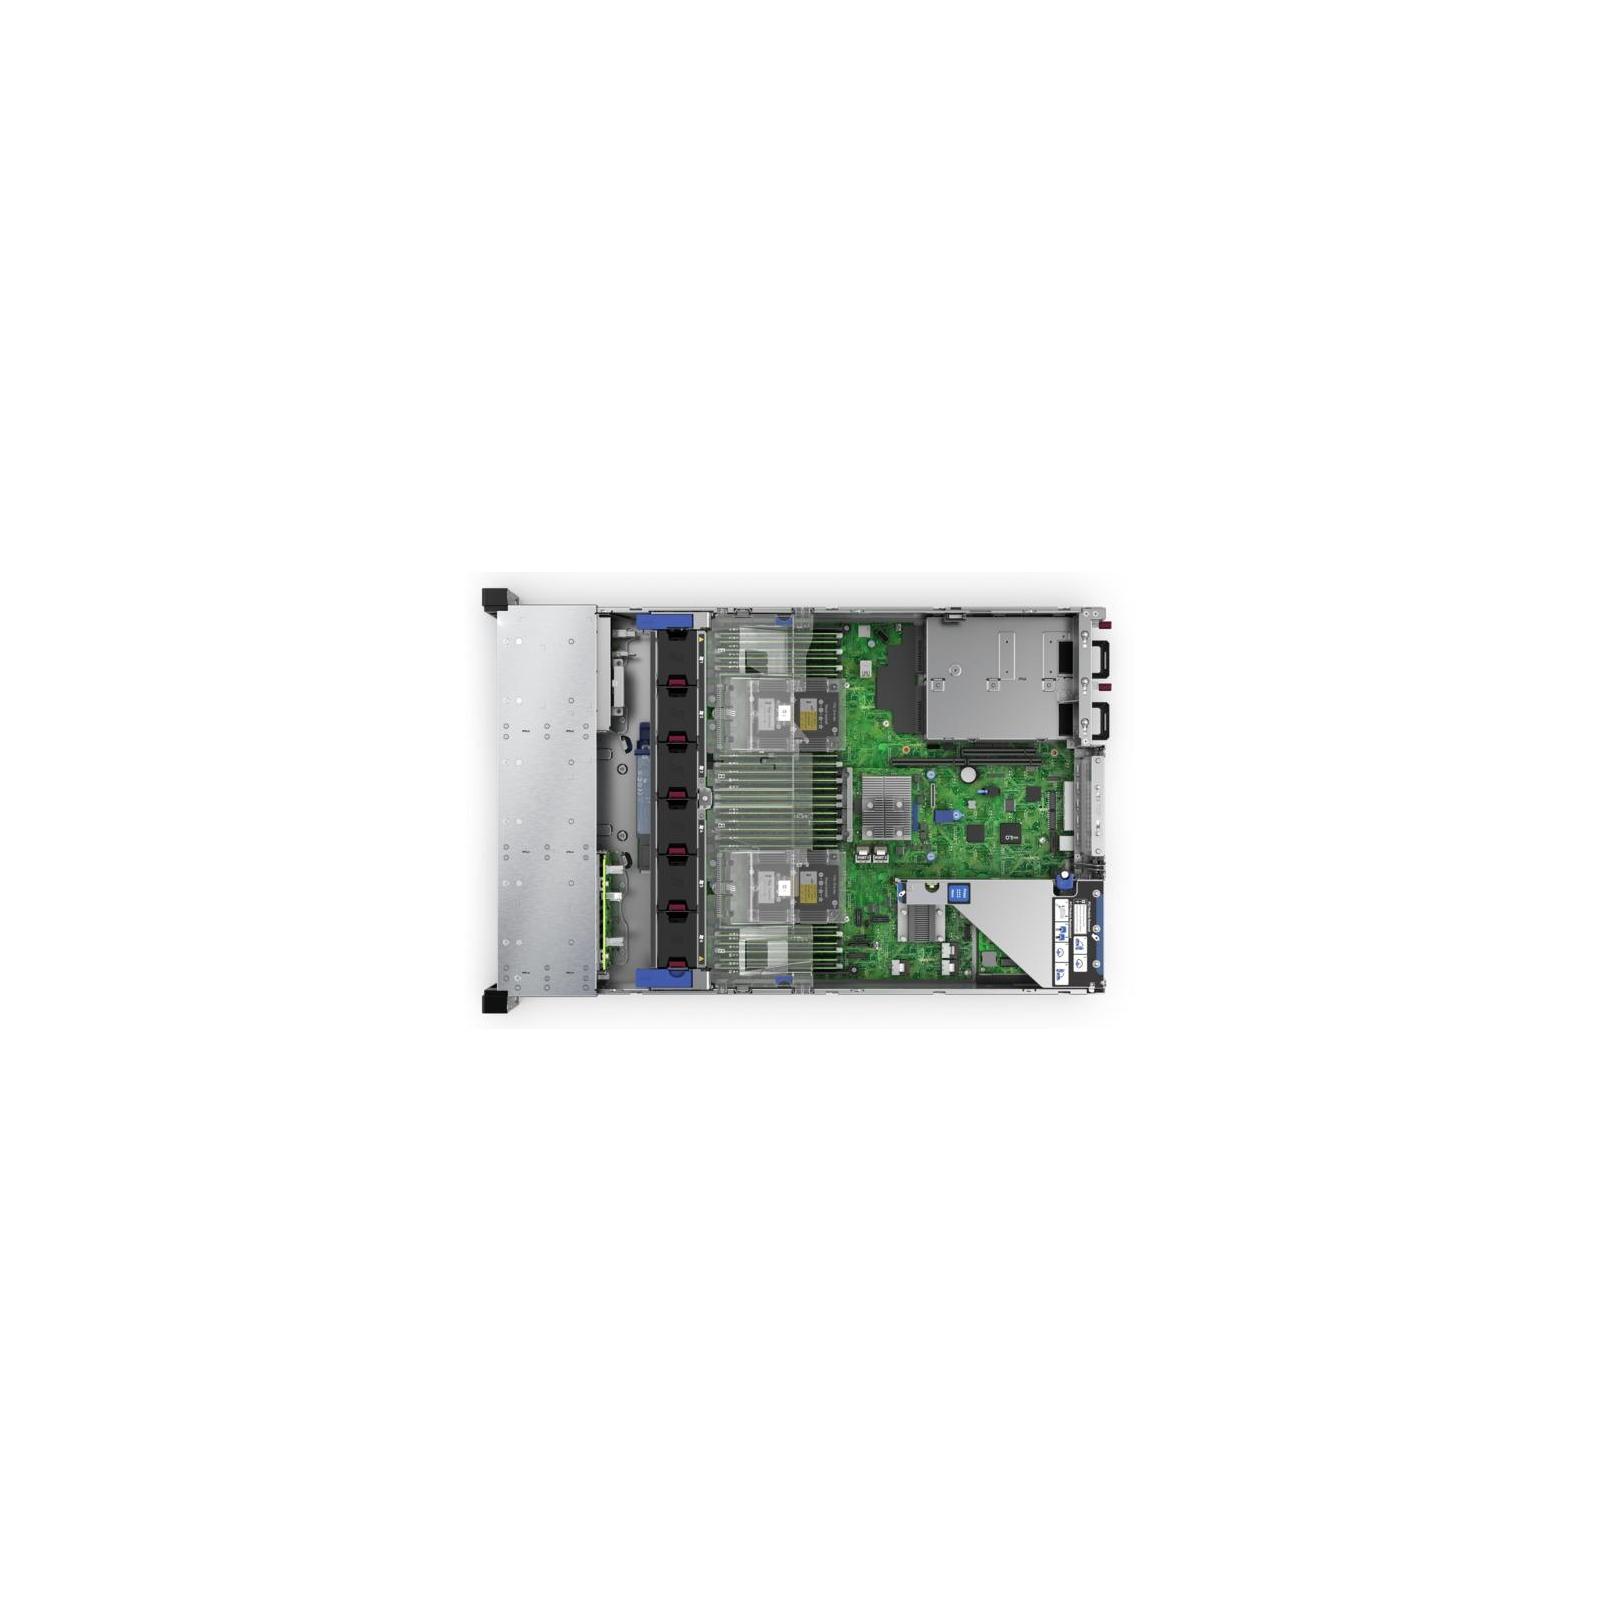 Сервер Hewlett Packard Enterprise DL380 Gen10 (875671-425) изображение 7